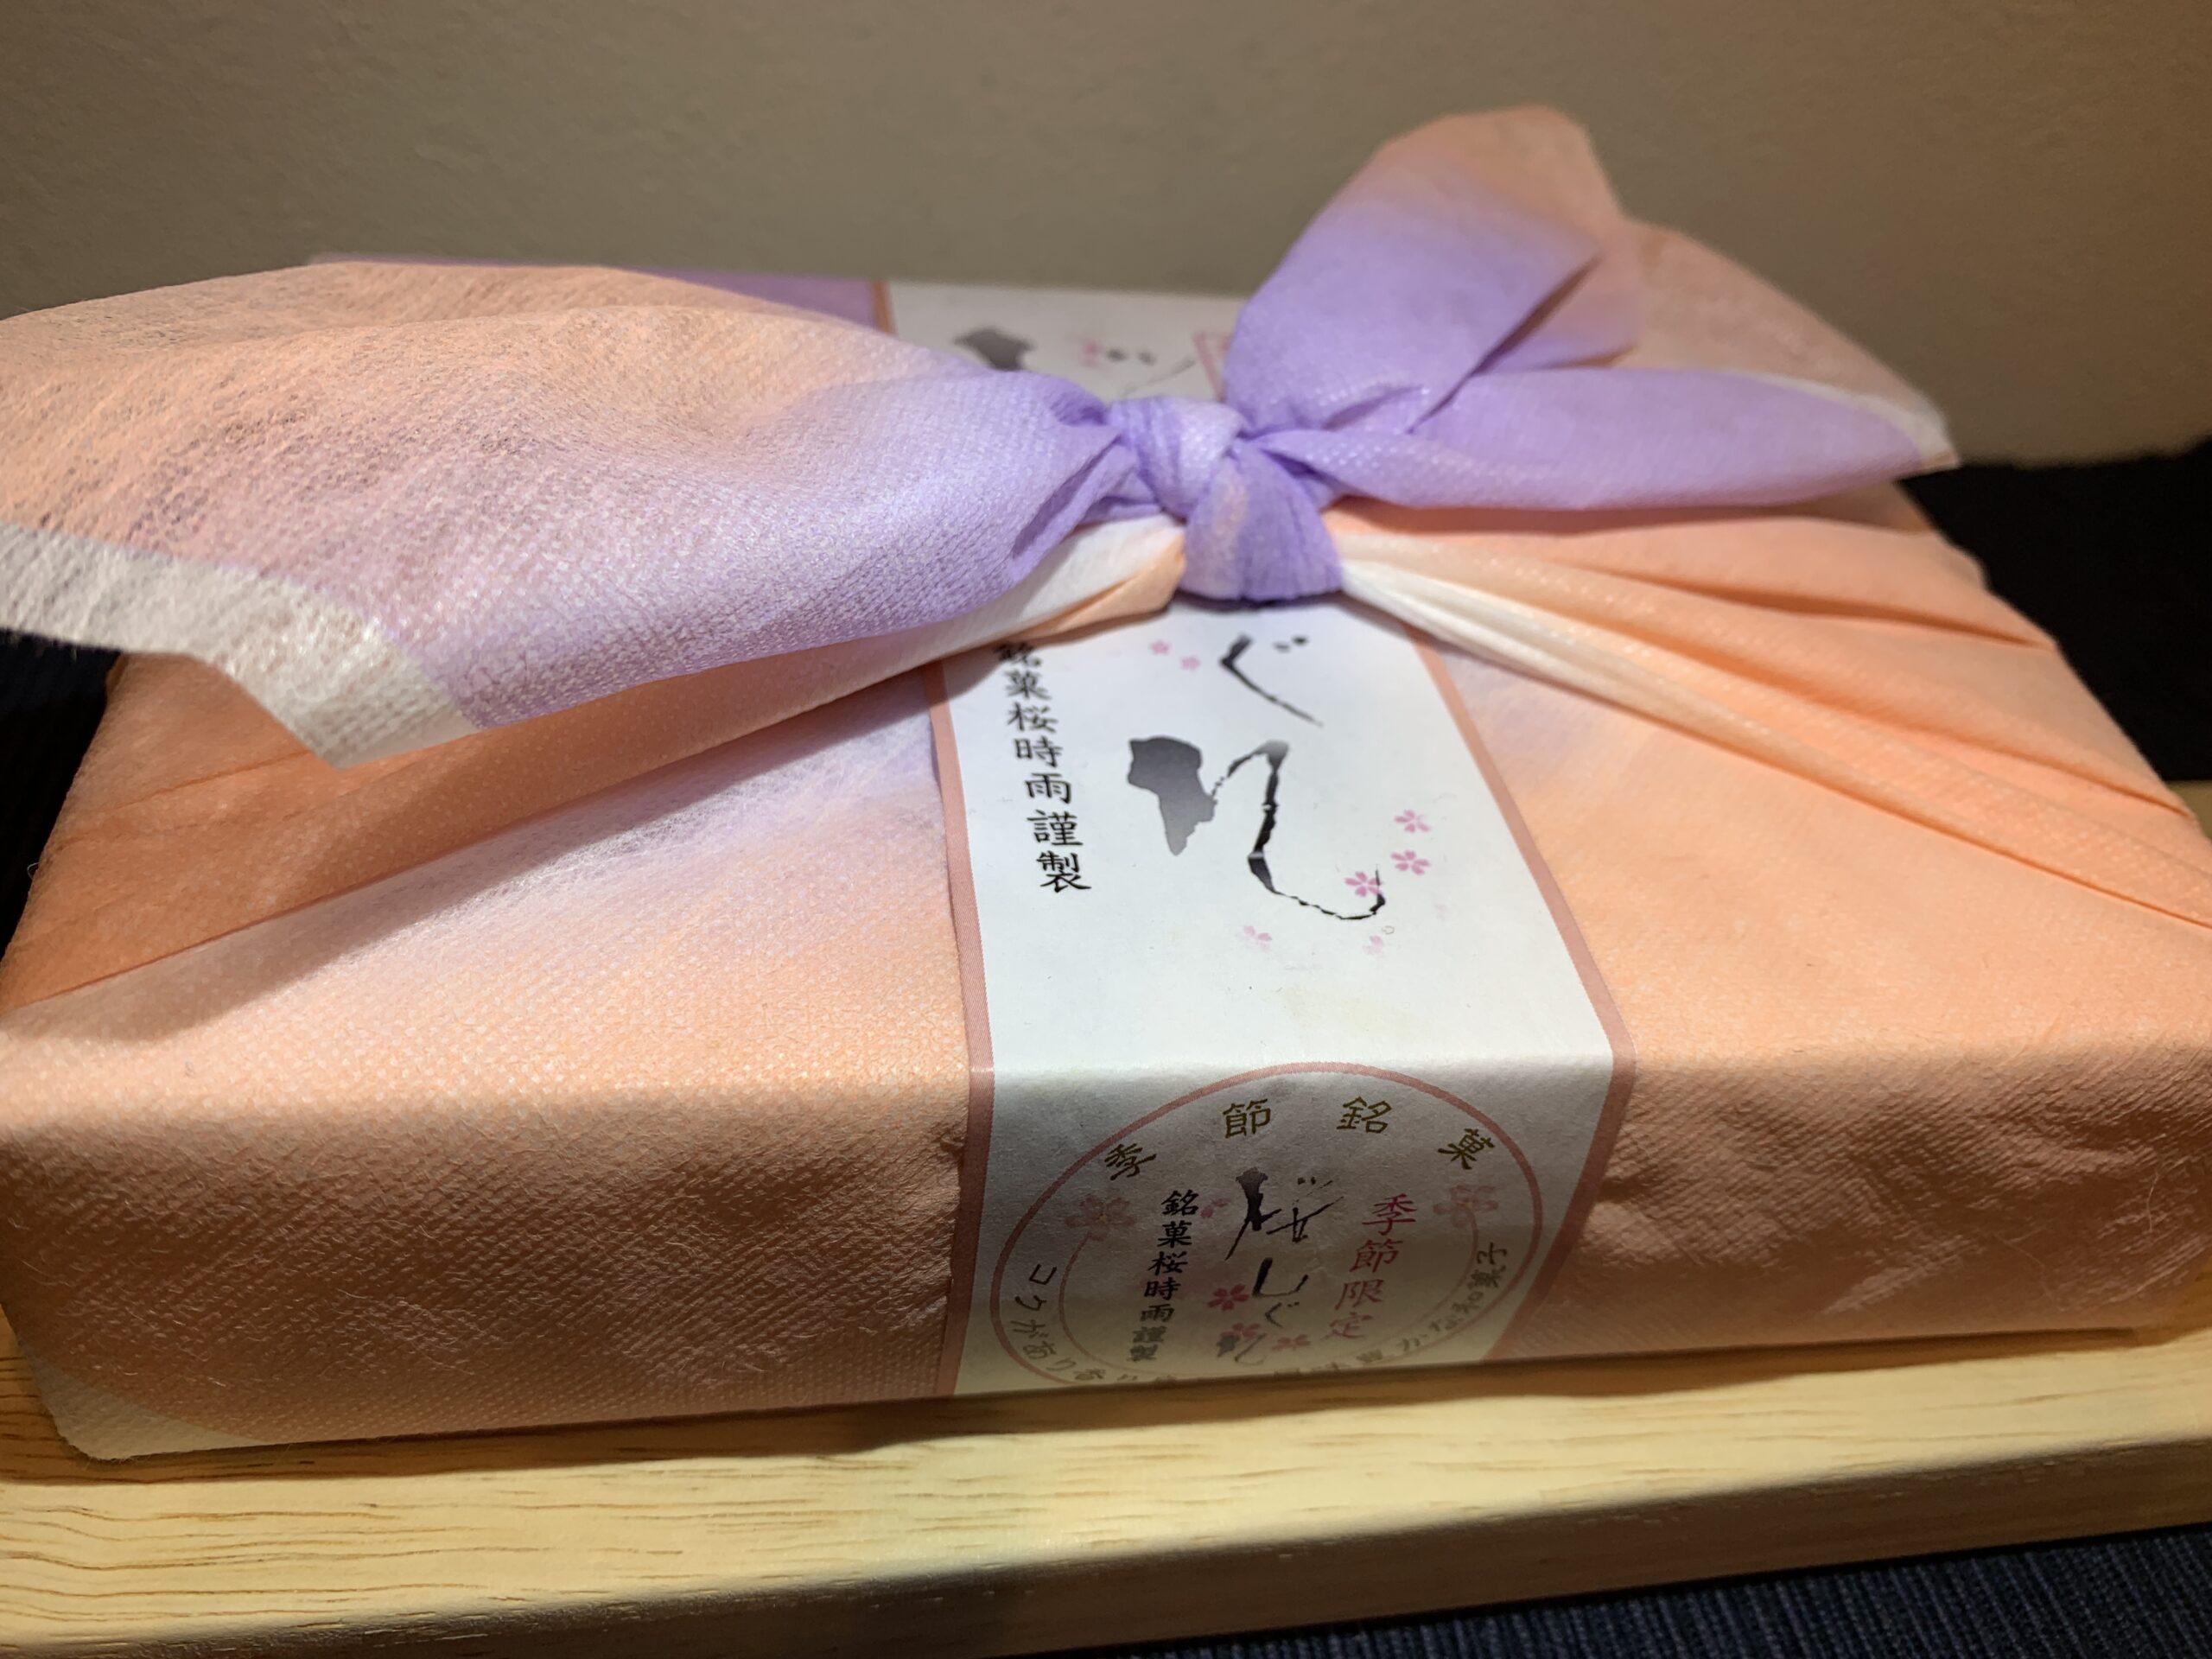 静岡和菓子:桜しぐれの値段やカロリーは?美味しかったのか感想